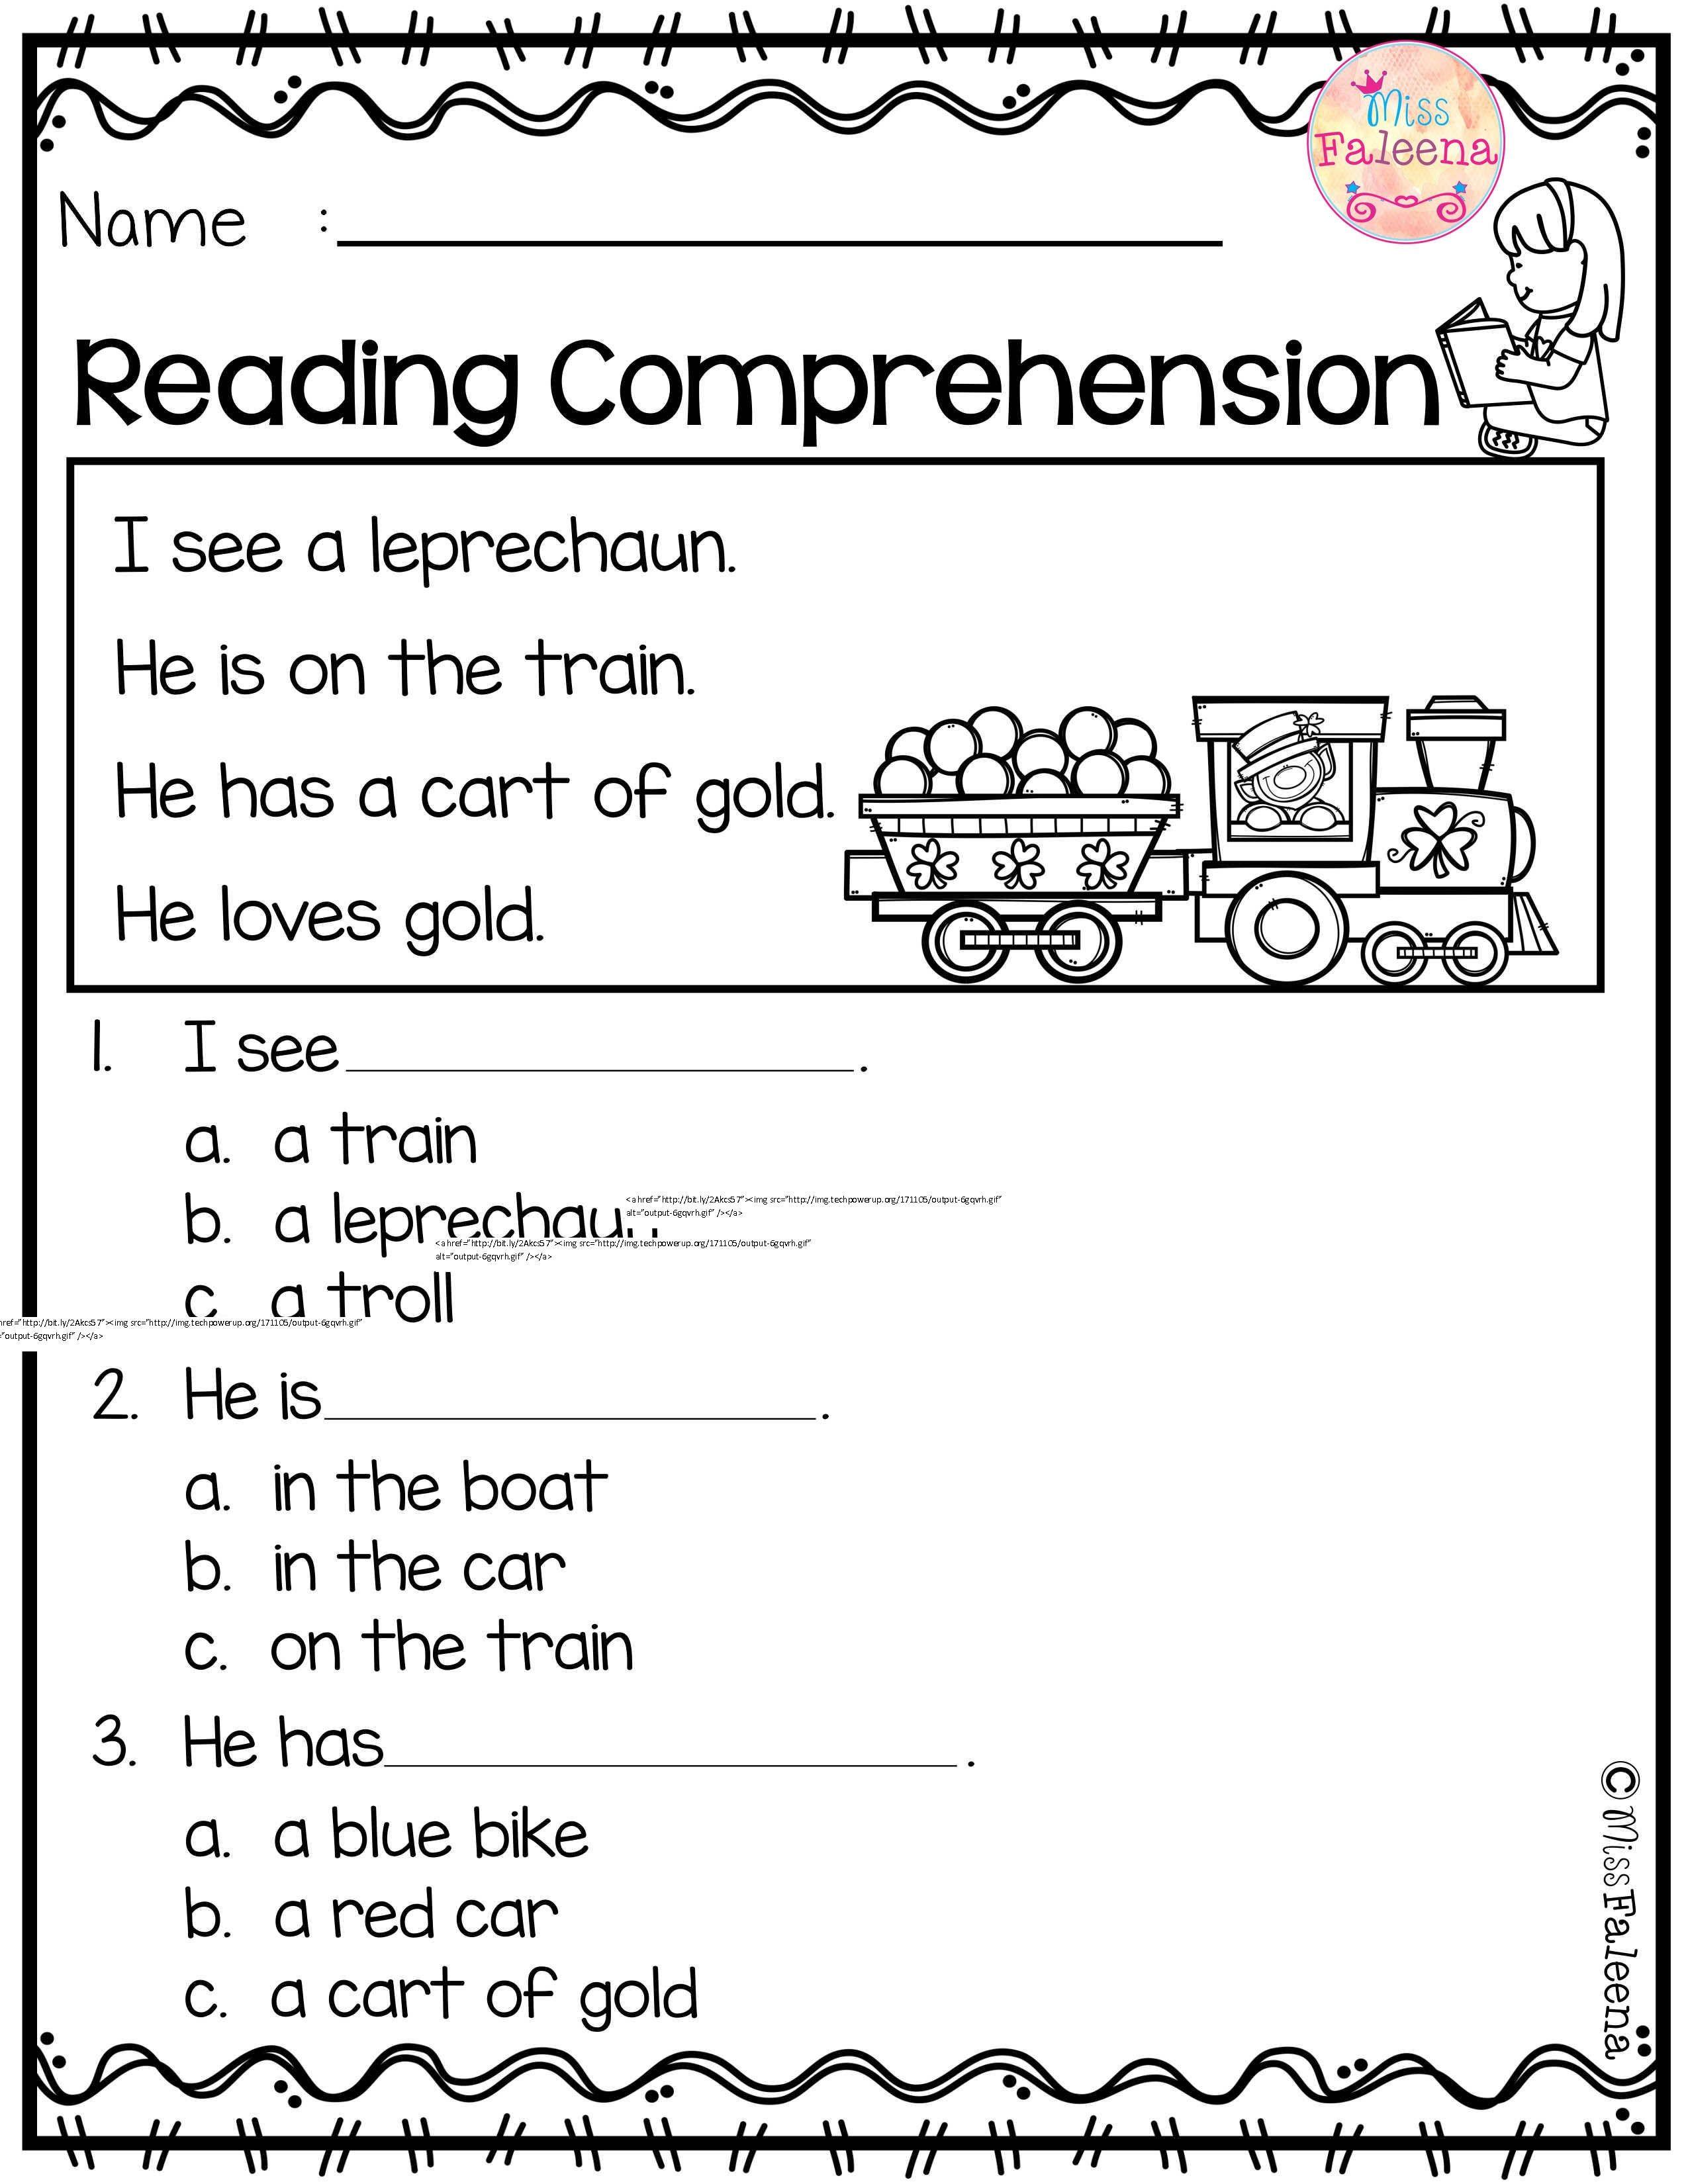 Image Result For Kg2 English Worksheets